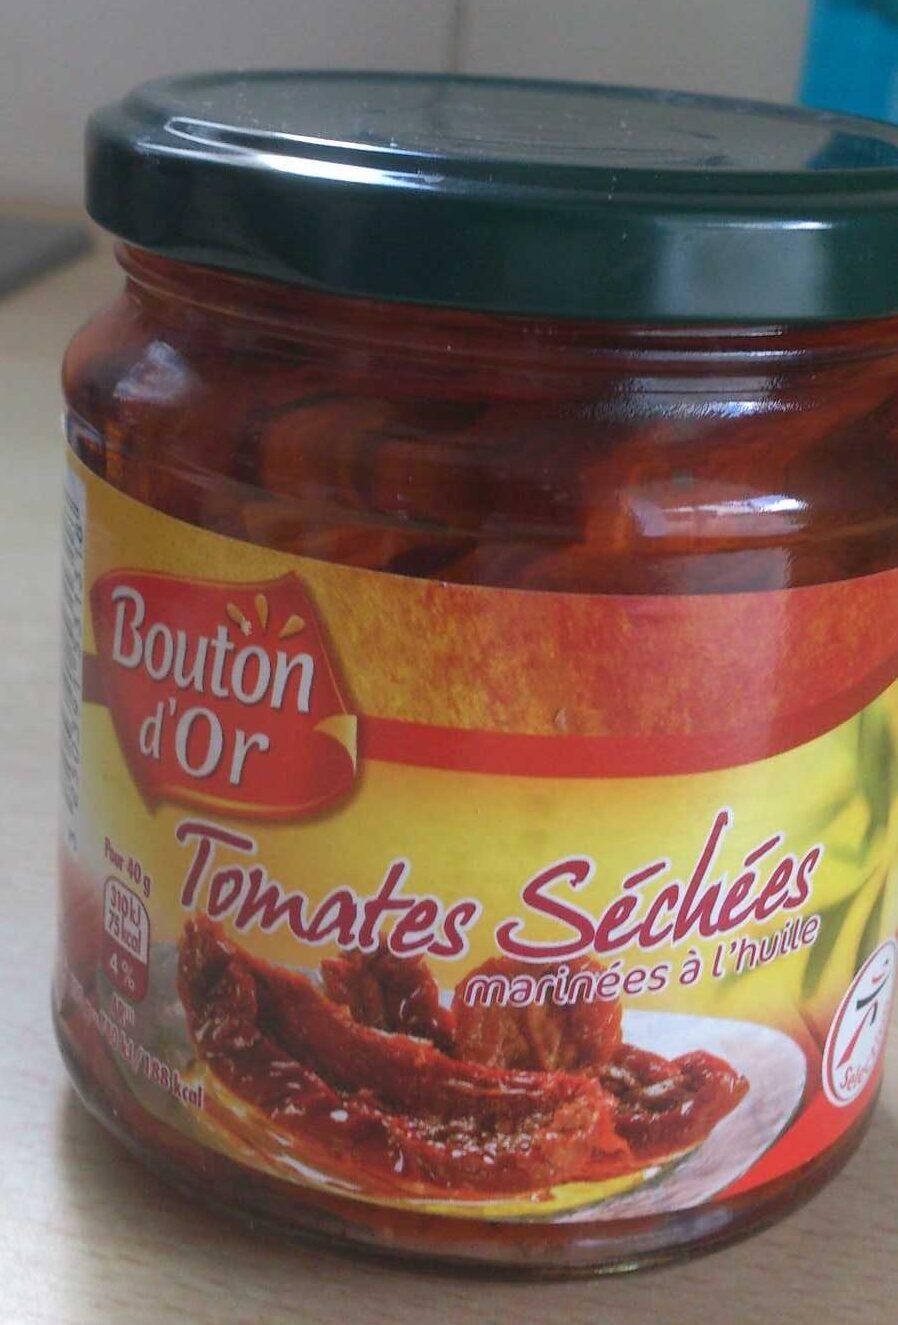 Tomates Séchées marinées à l'huile - Produit - fr